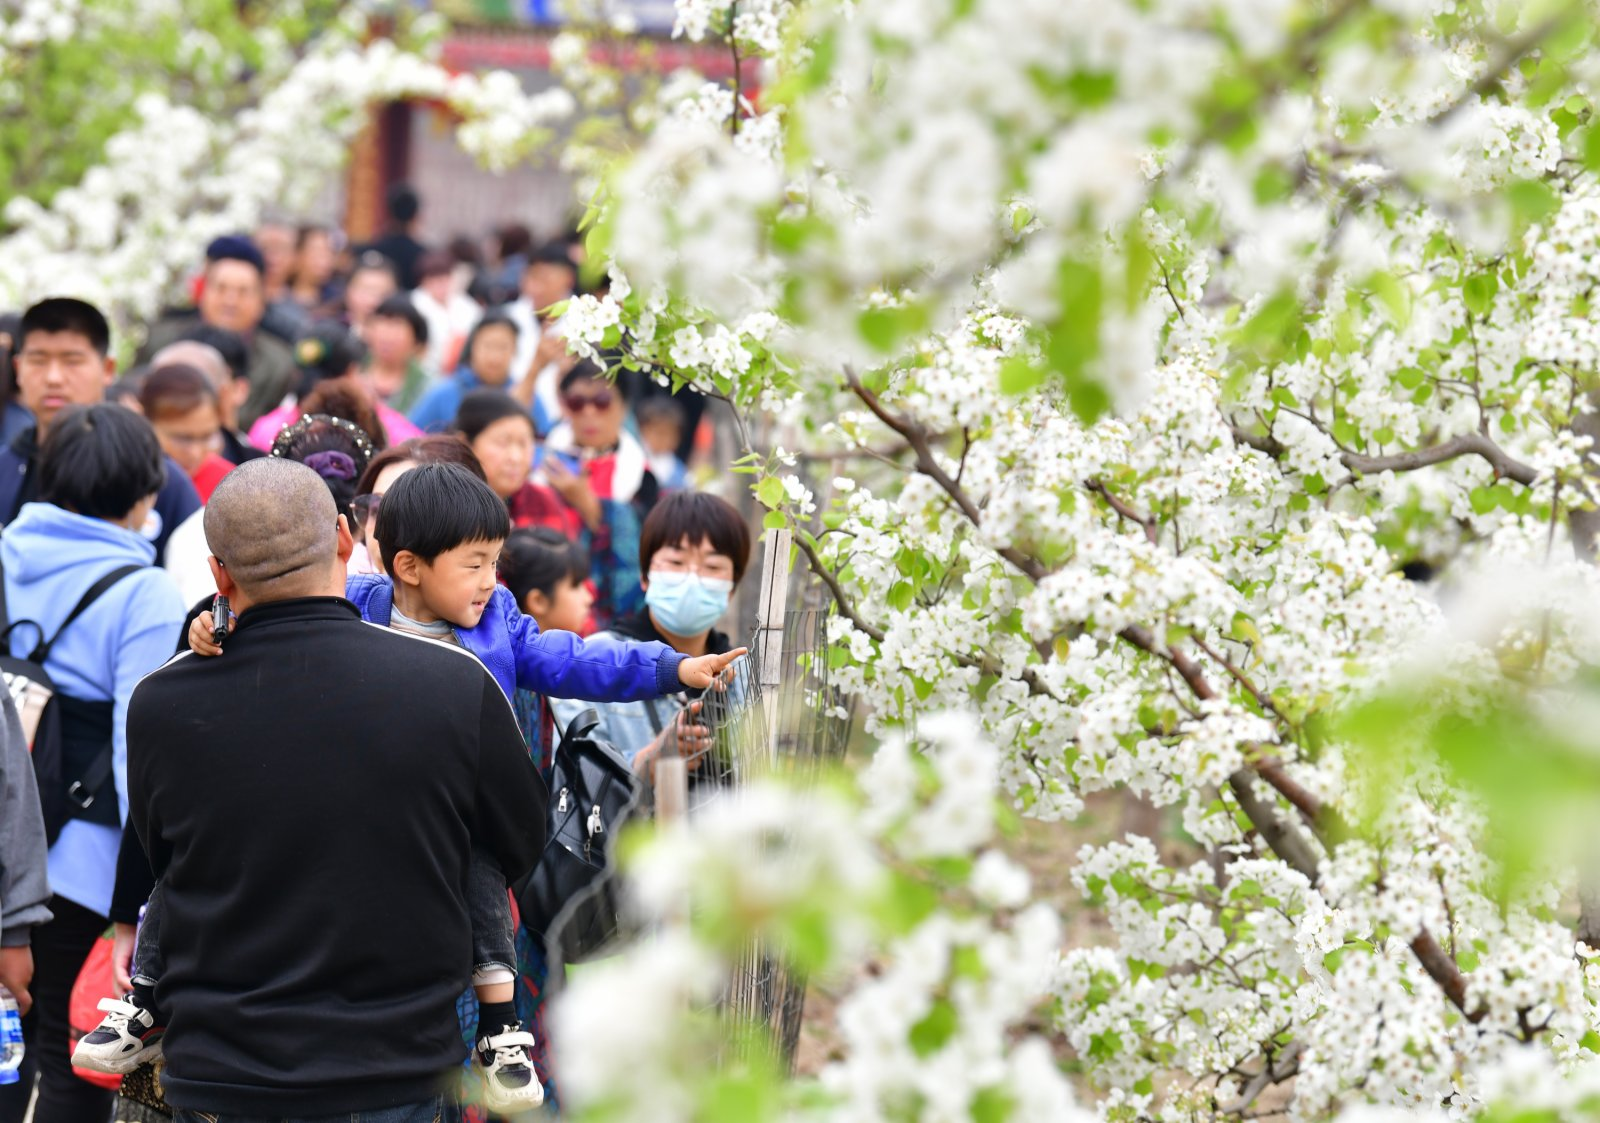 4月11日,遊客在楊家坡民俗文化園內賞花遊玩。(新華社)